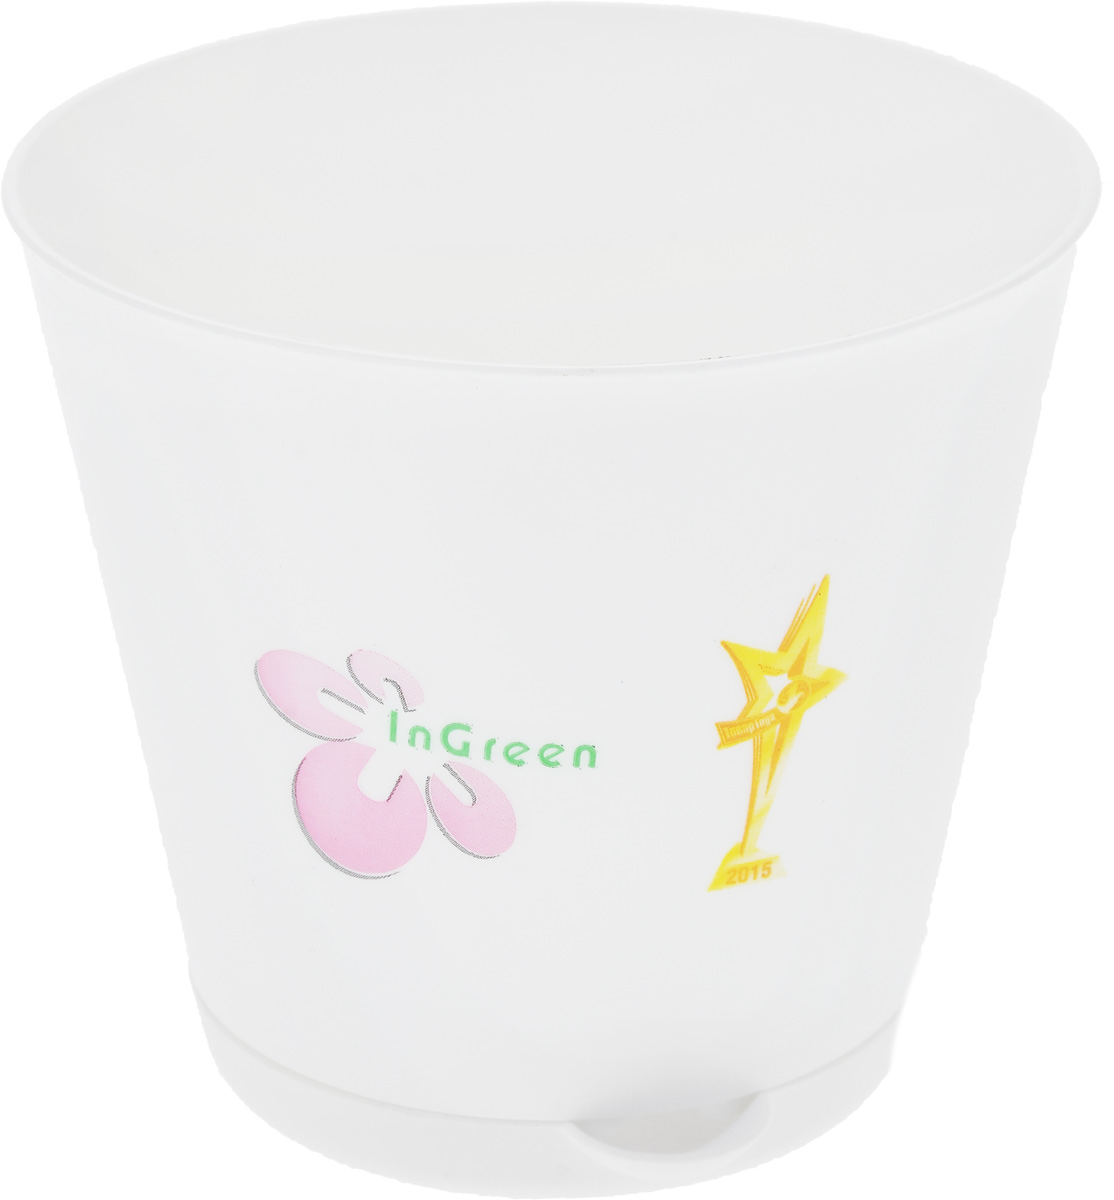 Горшок для цветов InGreen Крит, с системой прикорневого полива, диаметр 12 смGA627Горшок InGreen Крит, выполненный из высококачественного пластика, предназначен для выращивания комнатных цветов, растений и трав. Специальная конструкция обеспечивает вентиляцию в корневой системе растения, а дренажные отверстия позволяют выходить лишней влаге из почвы. Крепежные отверстия и штыри прочно крепят подставку к горшку. Прикорневой полив растения осуществляется через удобный носик. Система прикорневого полива позволяет оставлять комнатное растение без внимания тем, кто часто находится в командировках или собирается в отпуск и не имеет возможности вовремя поливать цветы.Такой горшок порадует вас современным дизайном и функциональностью, а также оригинально украсит интерьер любого помещения. Объем: 700 мл.Диаметр горшка (по верхнему краю): 12 см.Высота горшка: 11 см.